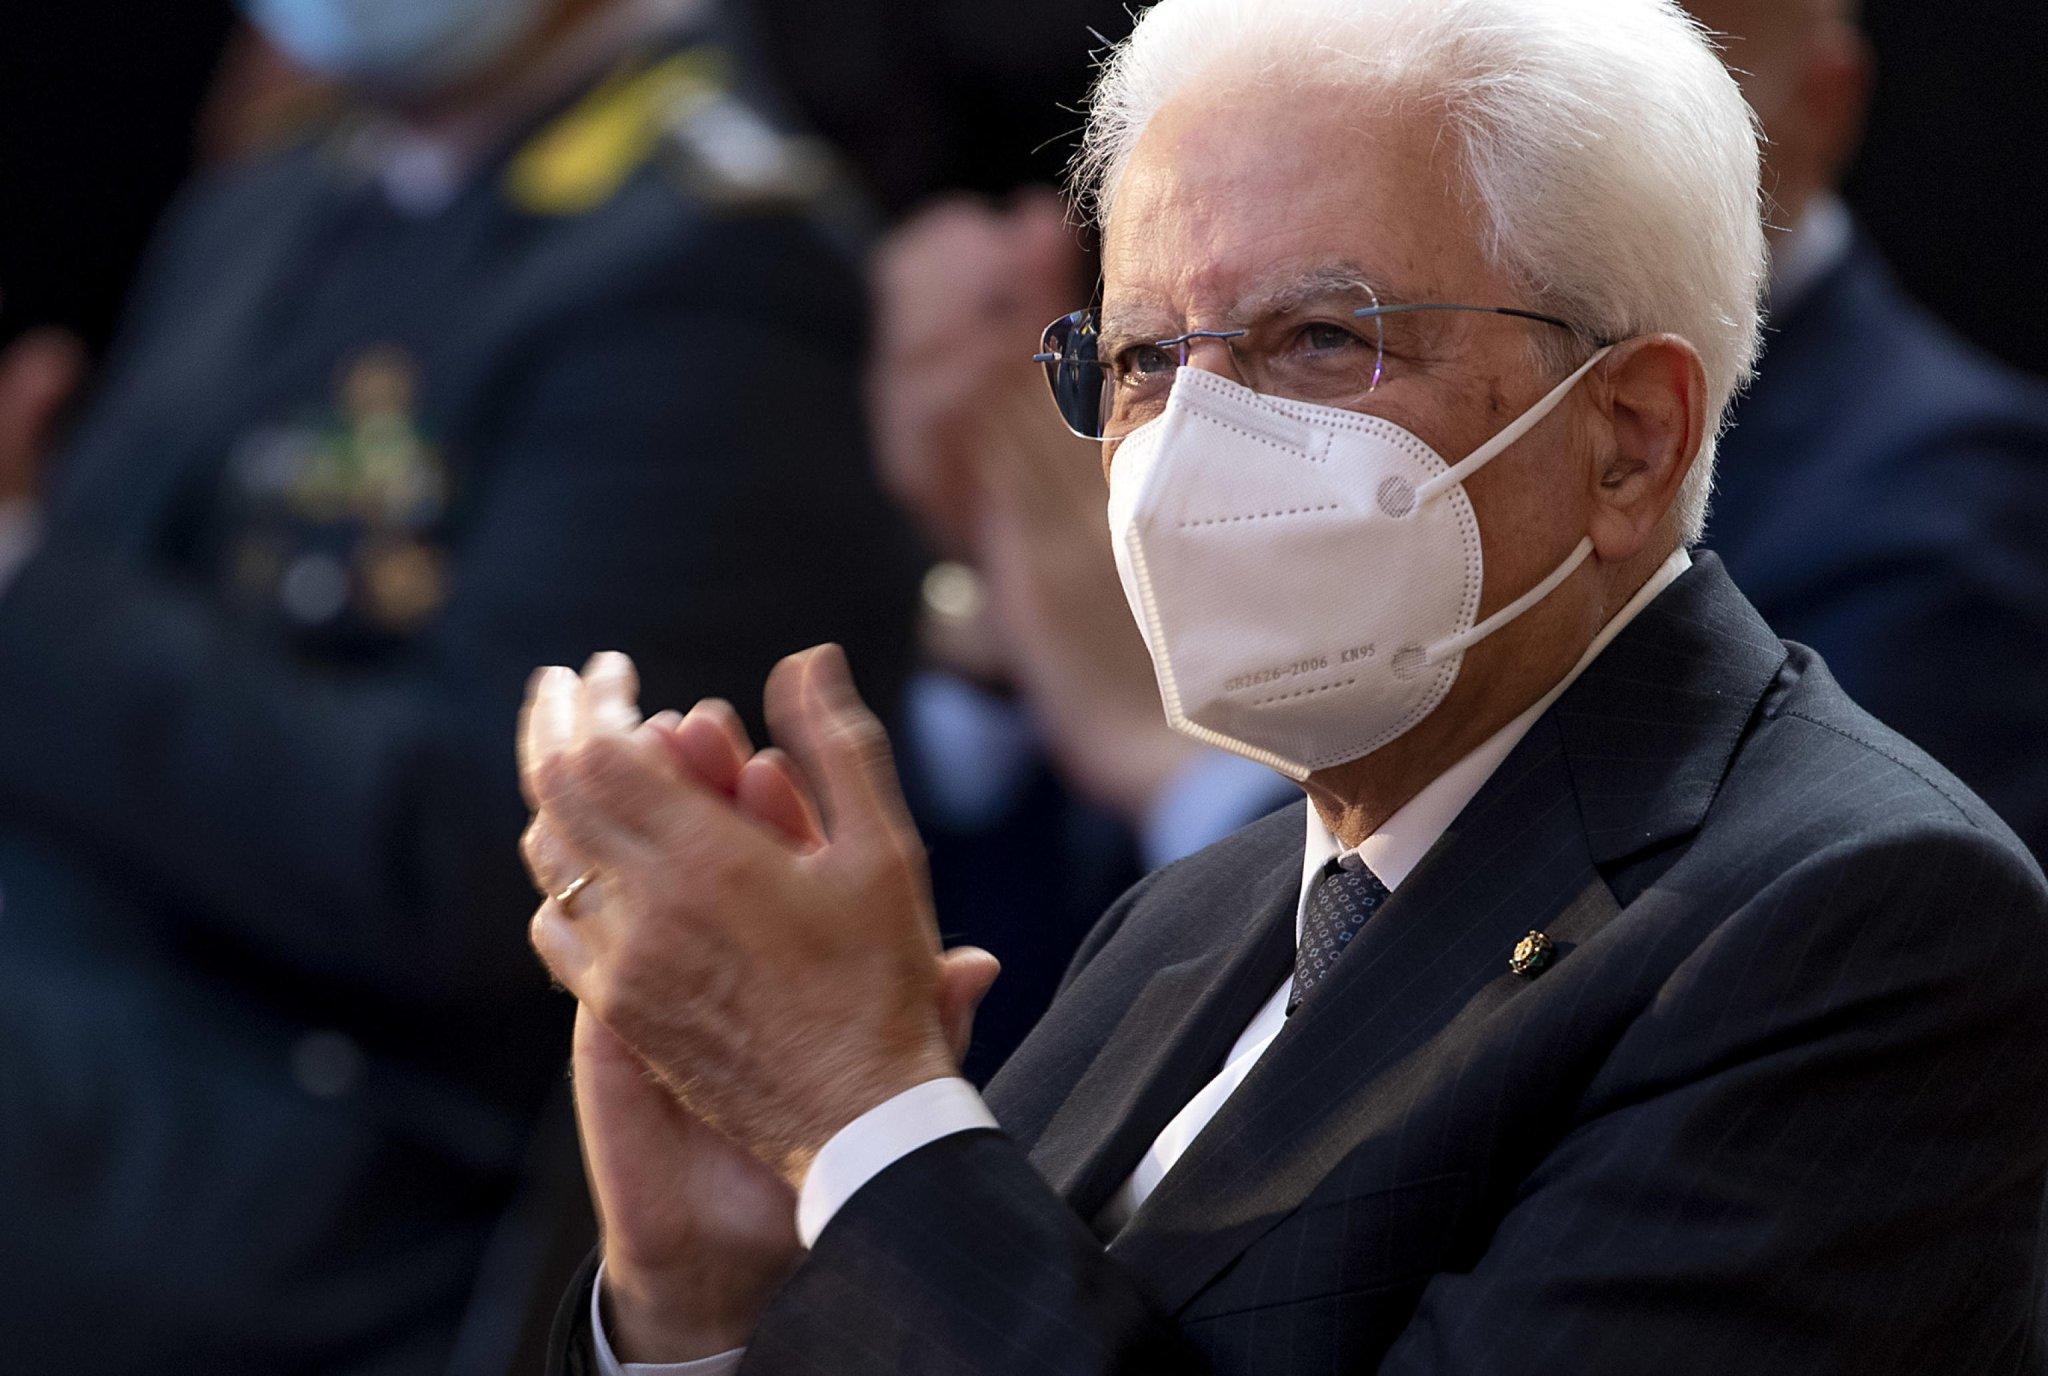 Addio a Carrà, Mattarella: 'Era eleganza, gentilezza e ottimismo'